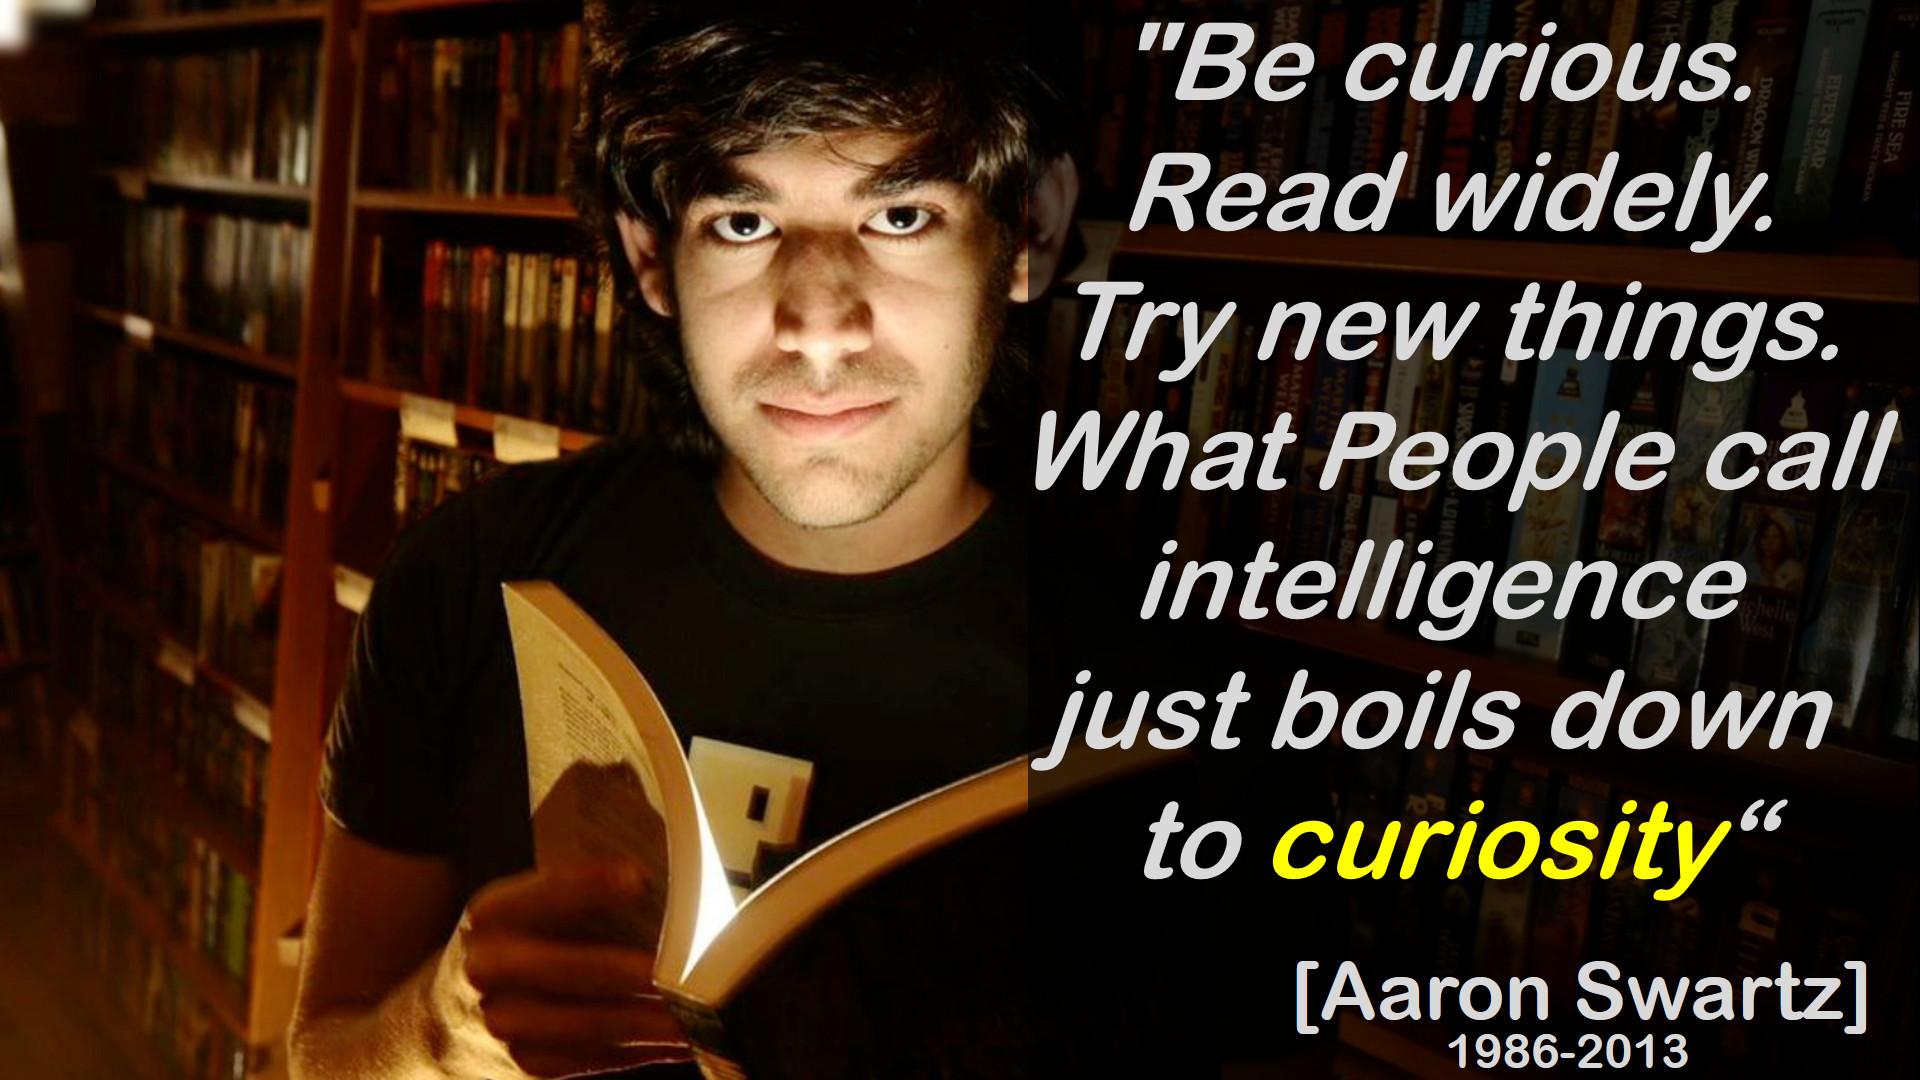 Aaron Swartz - Curiosity